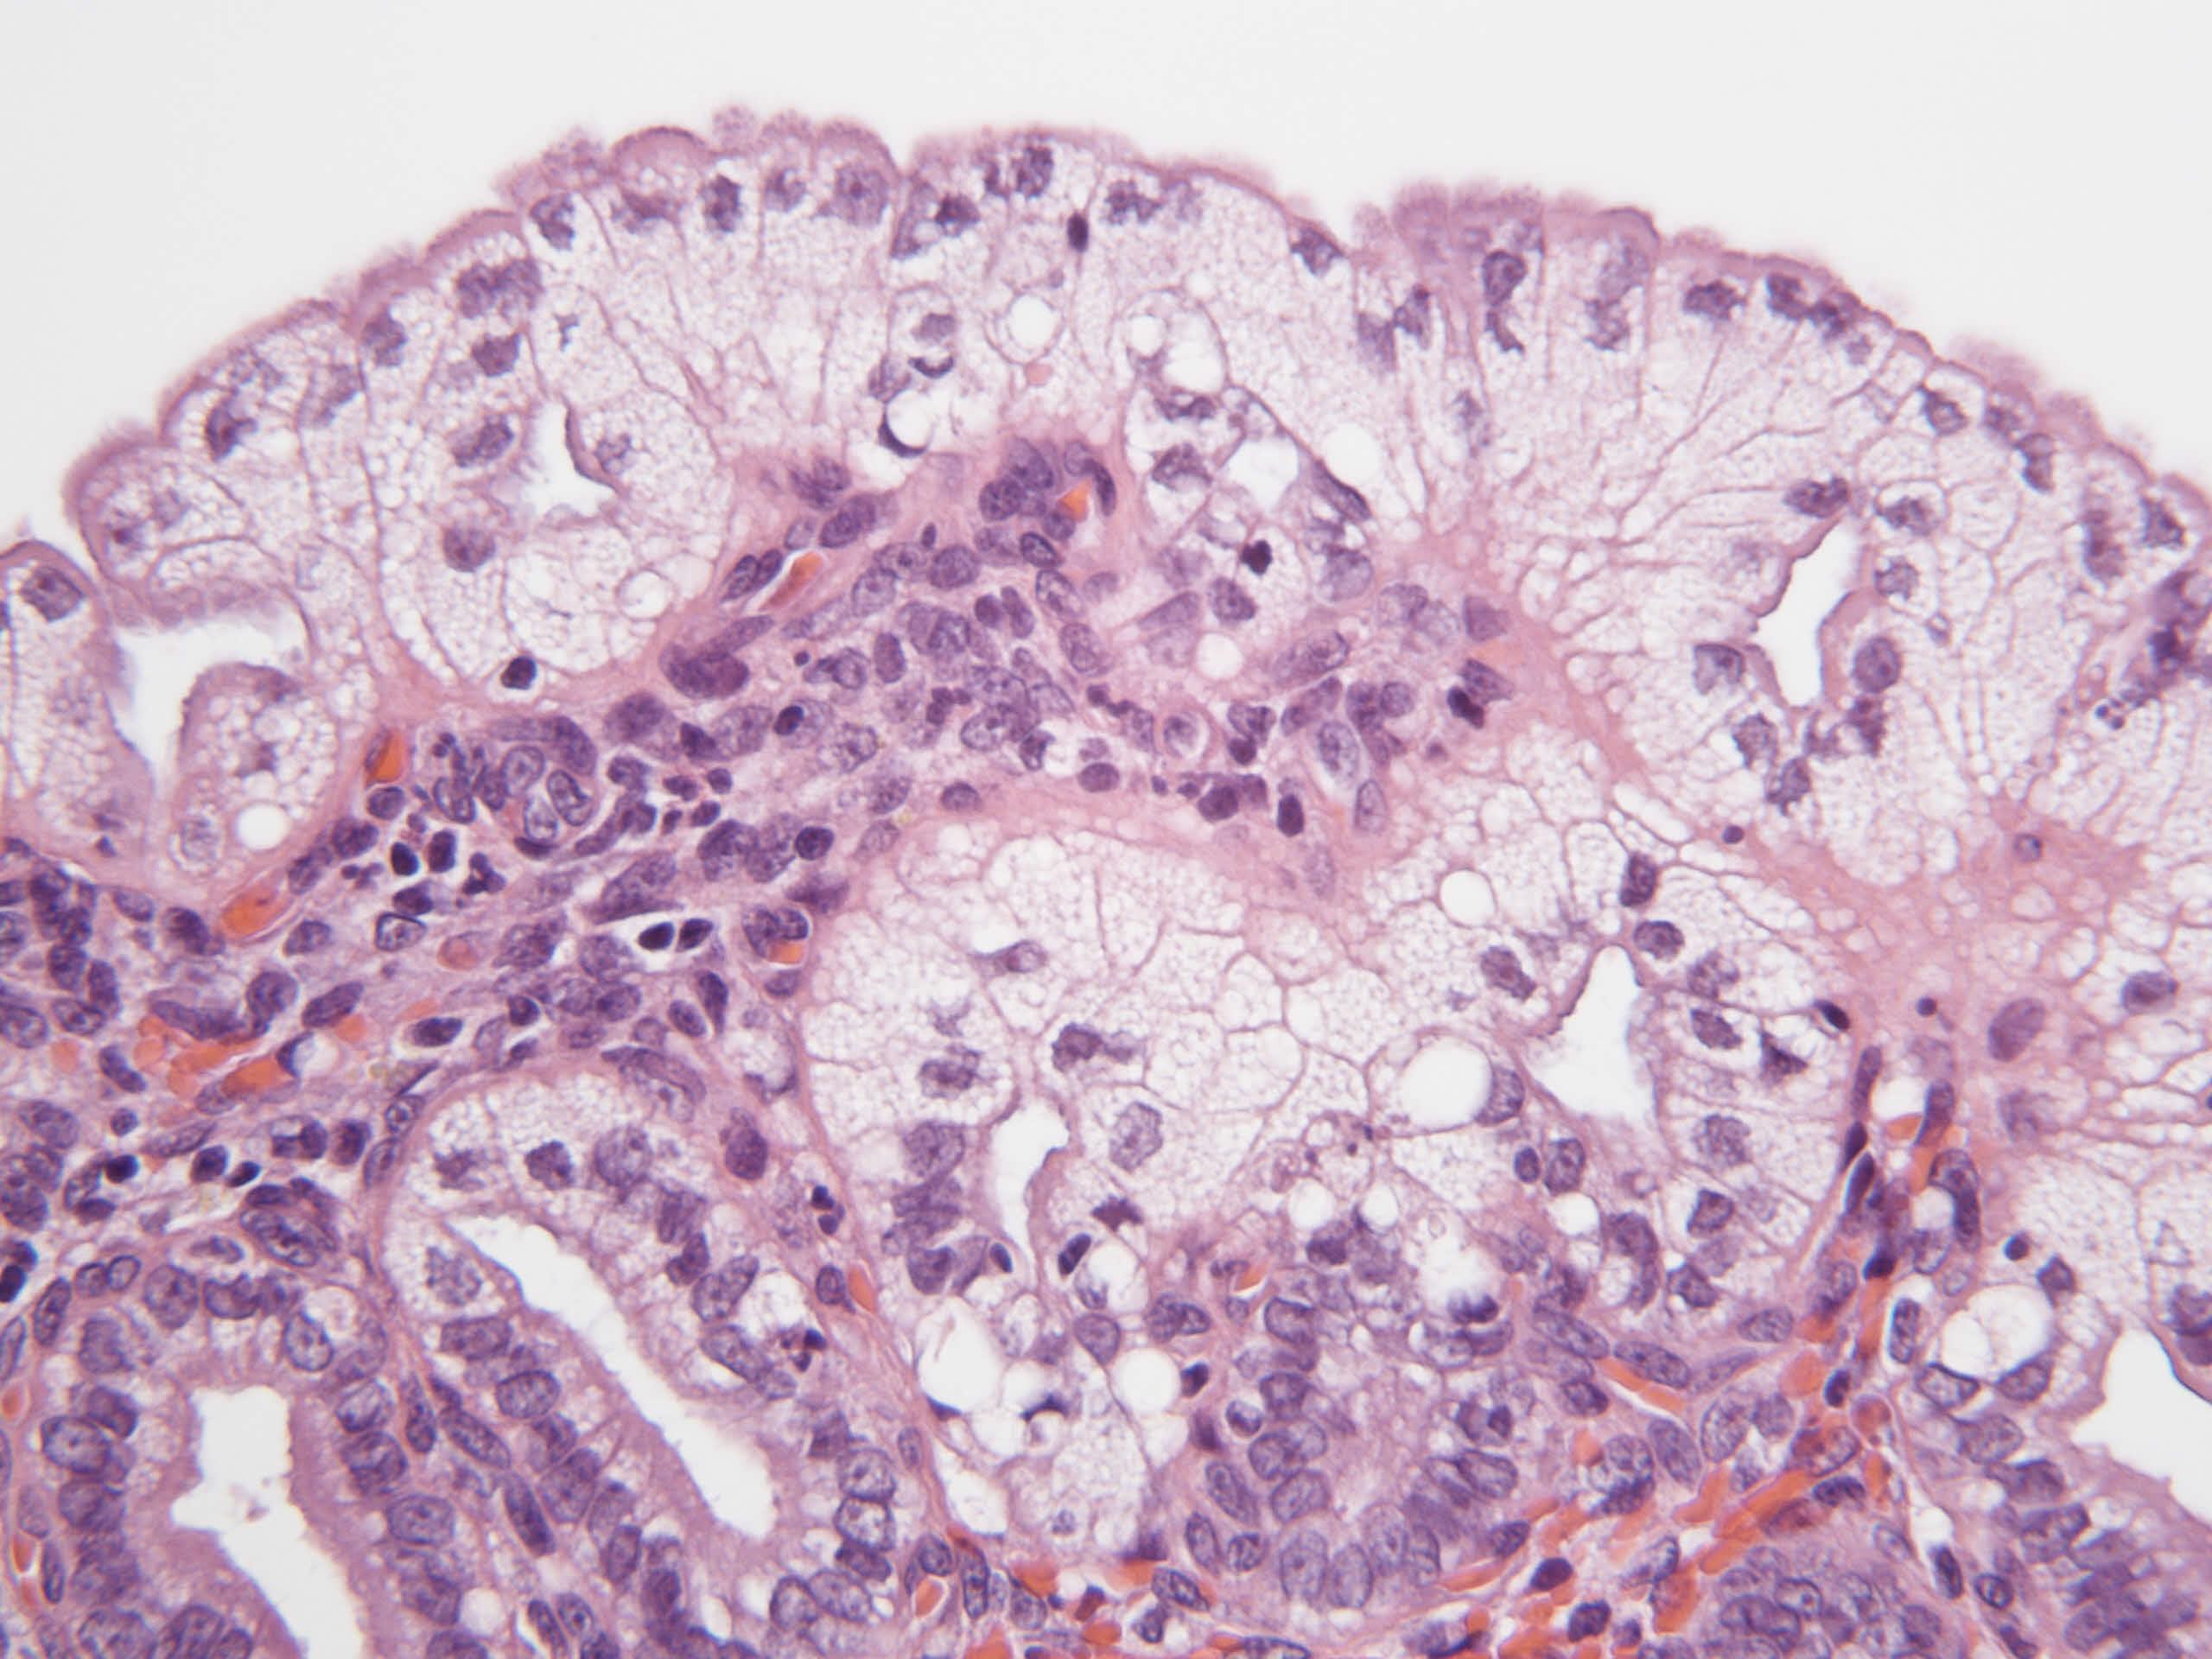 """Unter dem Mikroskop wirken Schaumzellen mit ihren Fettdepots """"zerfranst"""". Ein Rezeptor hilft beim Fett sammeln, lockt aber auch Bakterien an: Infektionsgefahr. (Foto: © Cordula Gabriel / Vetmeduni Vienna)"""